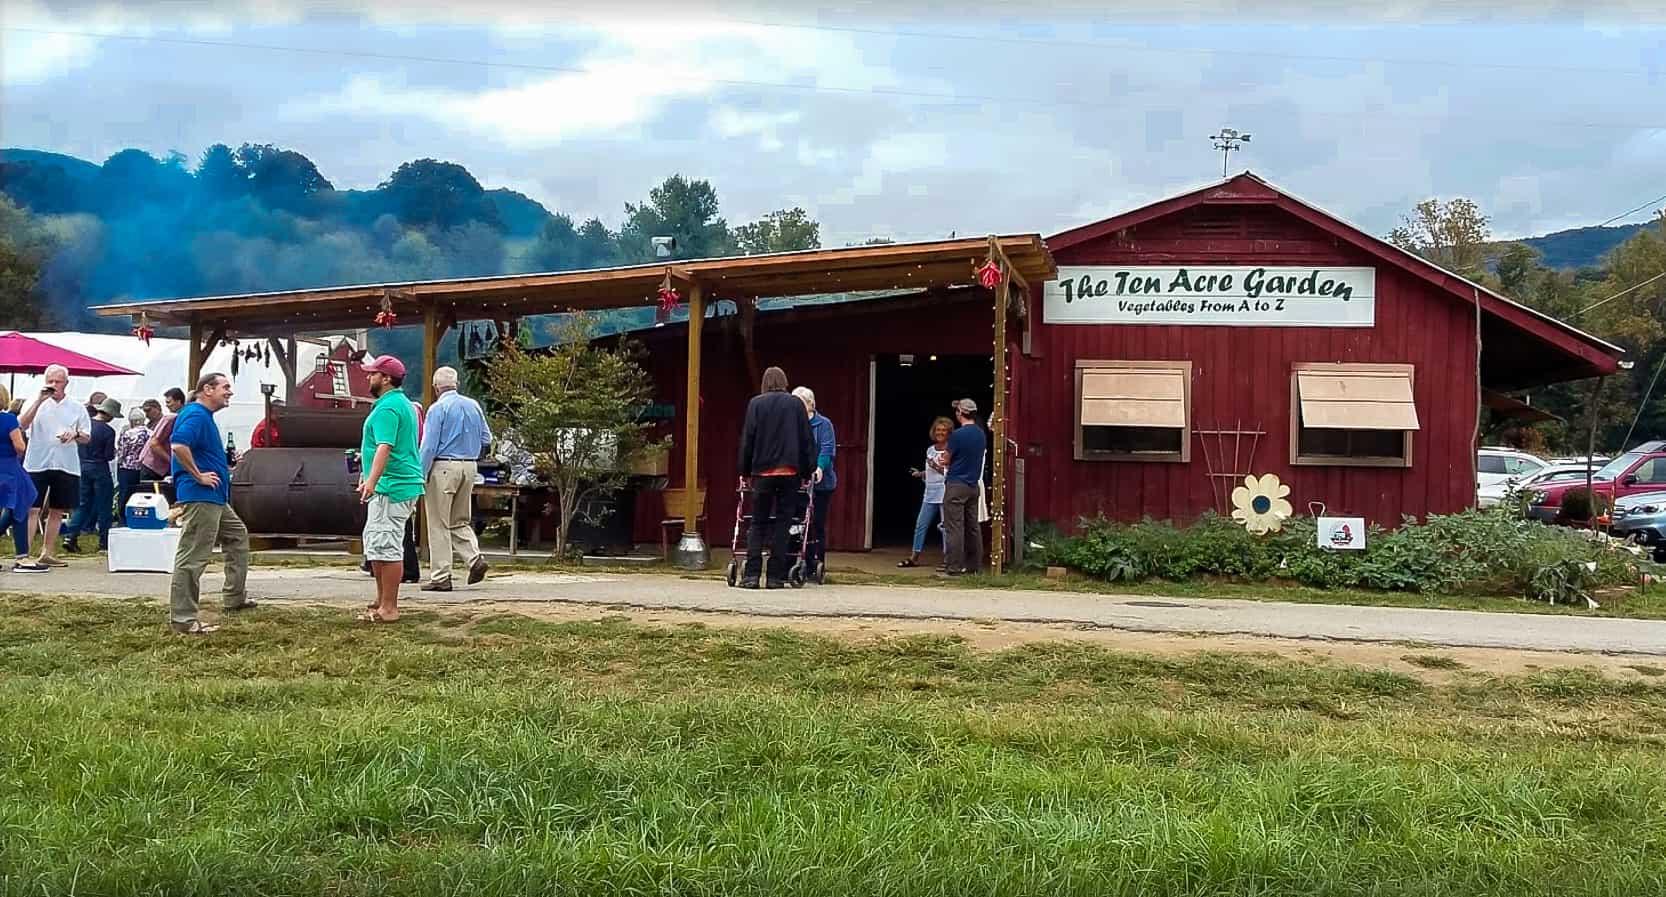 Ten Acre Garden in Canton, NC   Visit NC Smokies